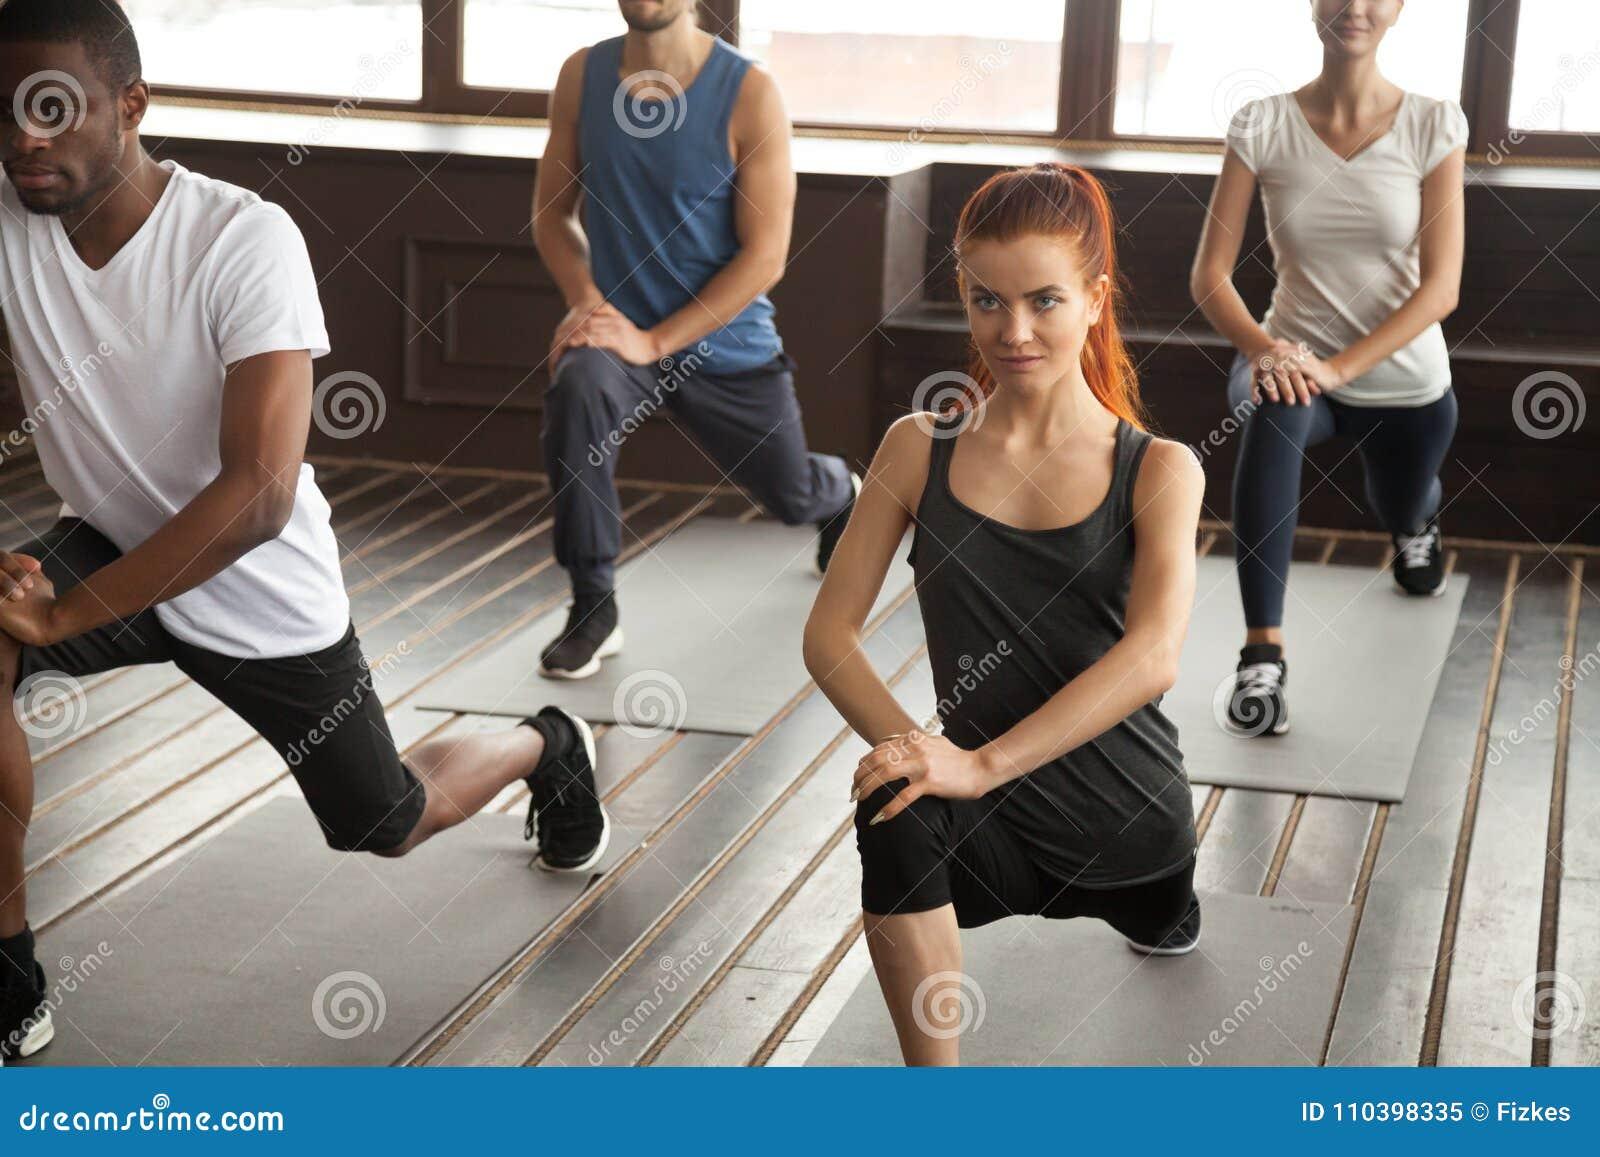 Les personnes diverses sportives faisant le mouvement brusque s exercent en avant au trai de groupe